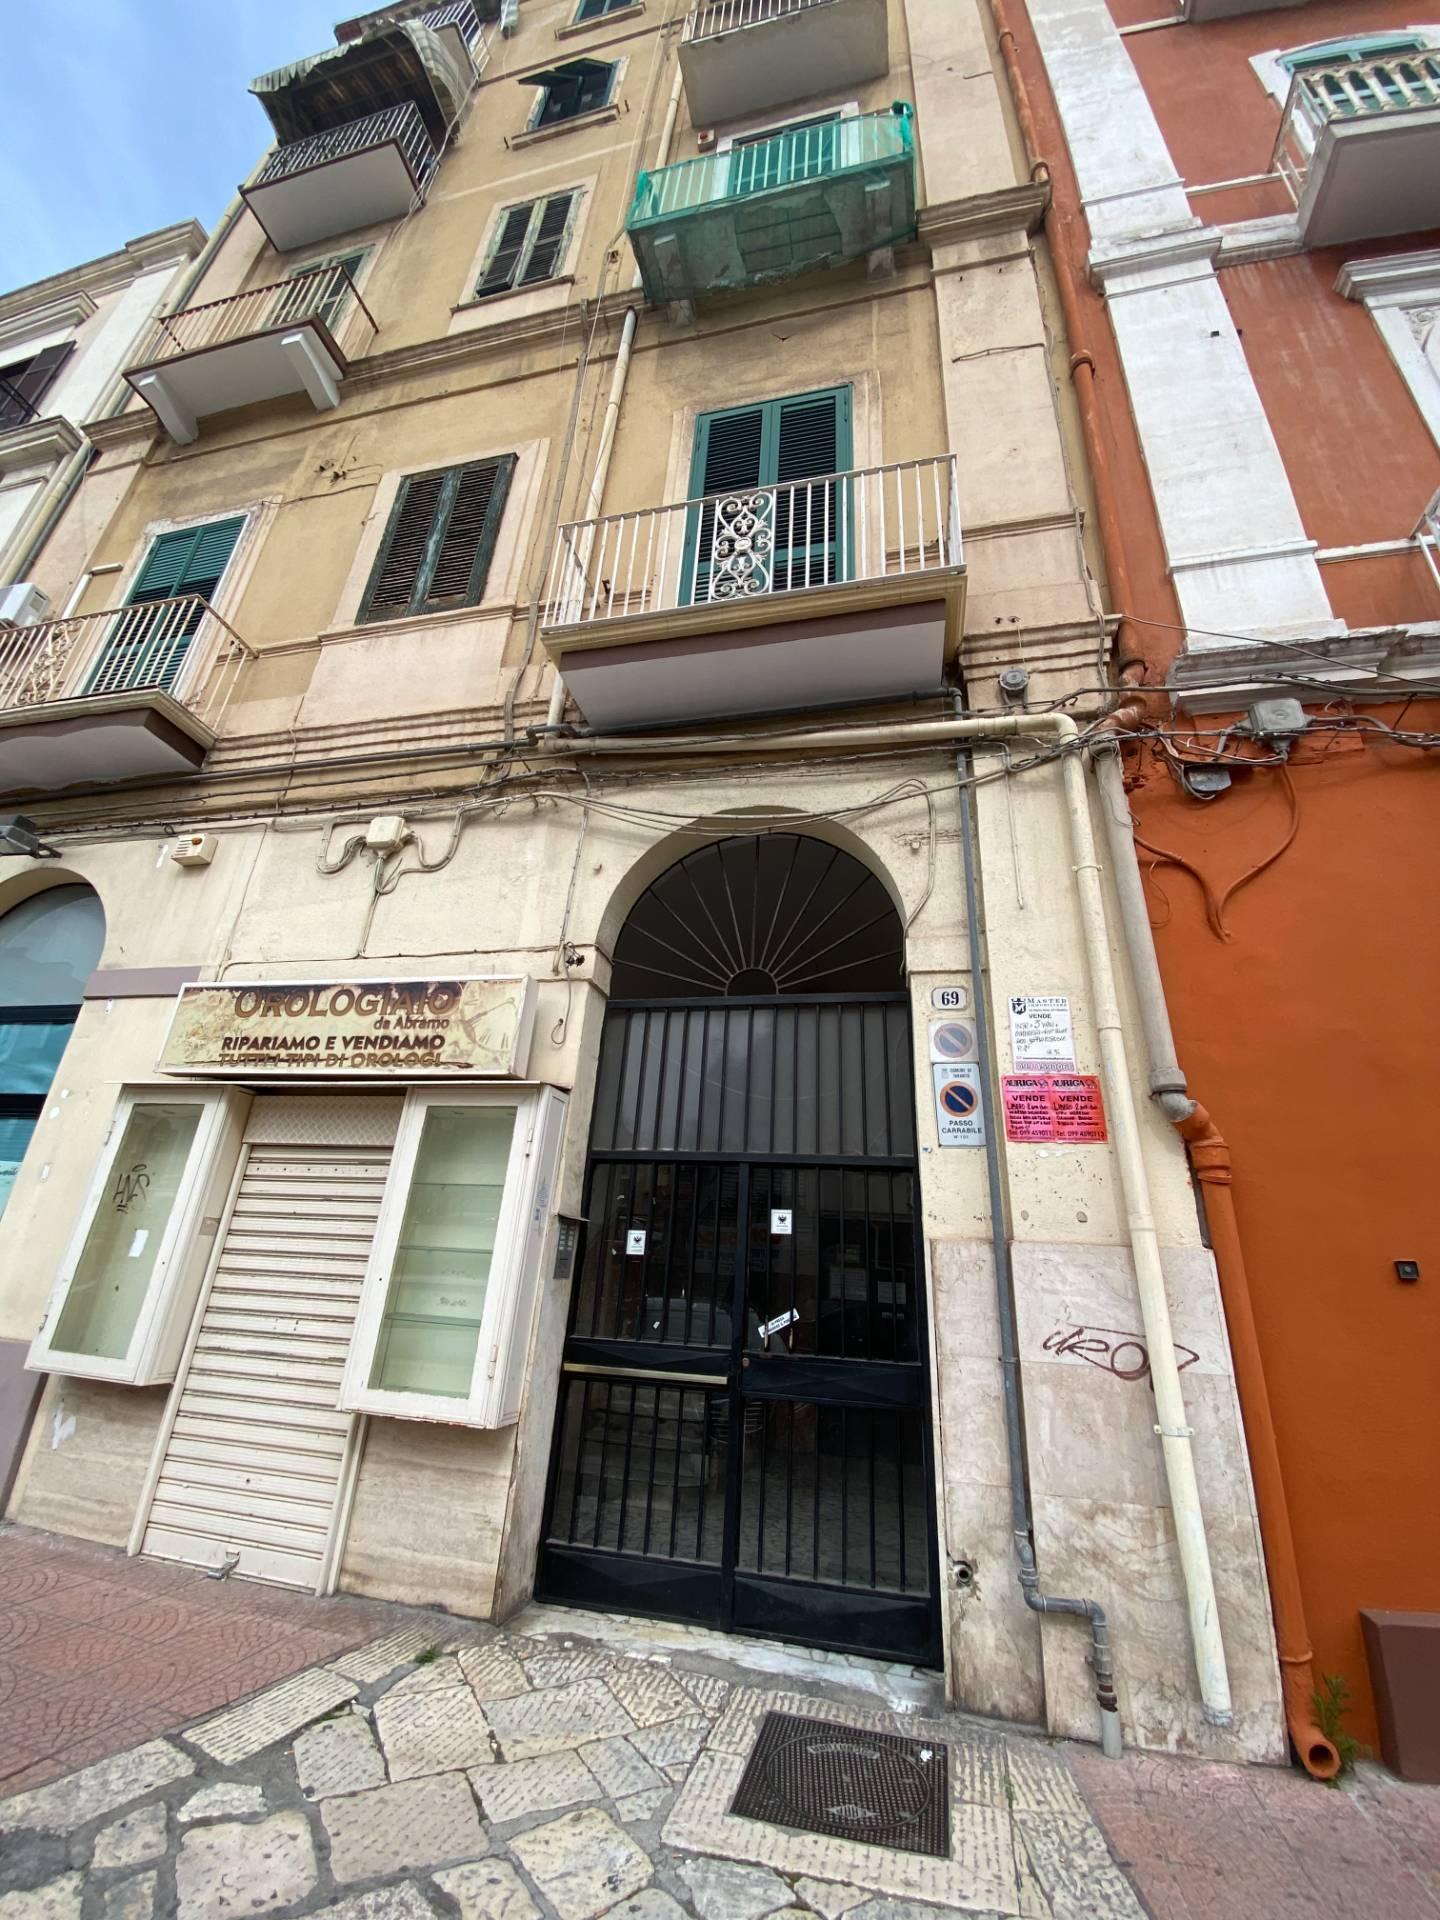 Appartamento in affitto a Taranto, 2 locali, zona Zona: Borgo, prezzo € 450 | CambioCasa.it